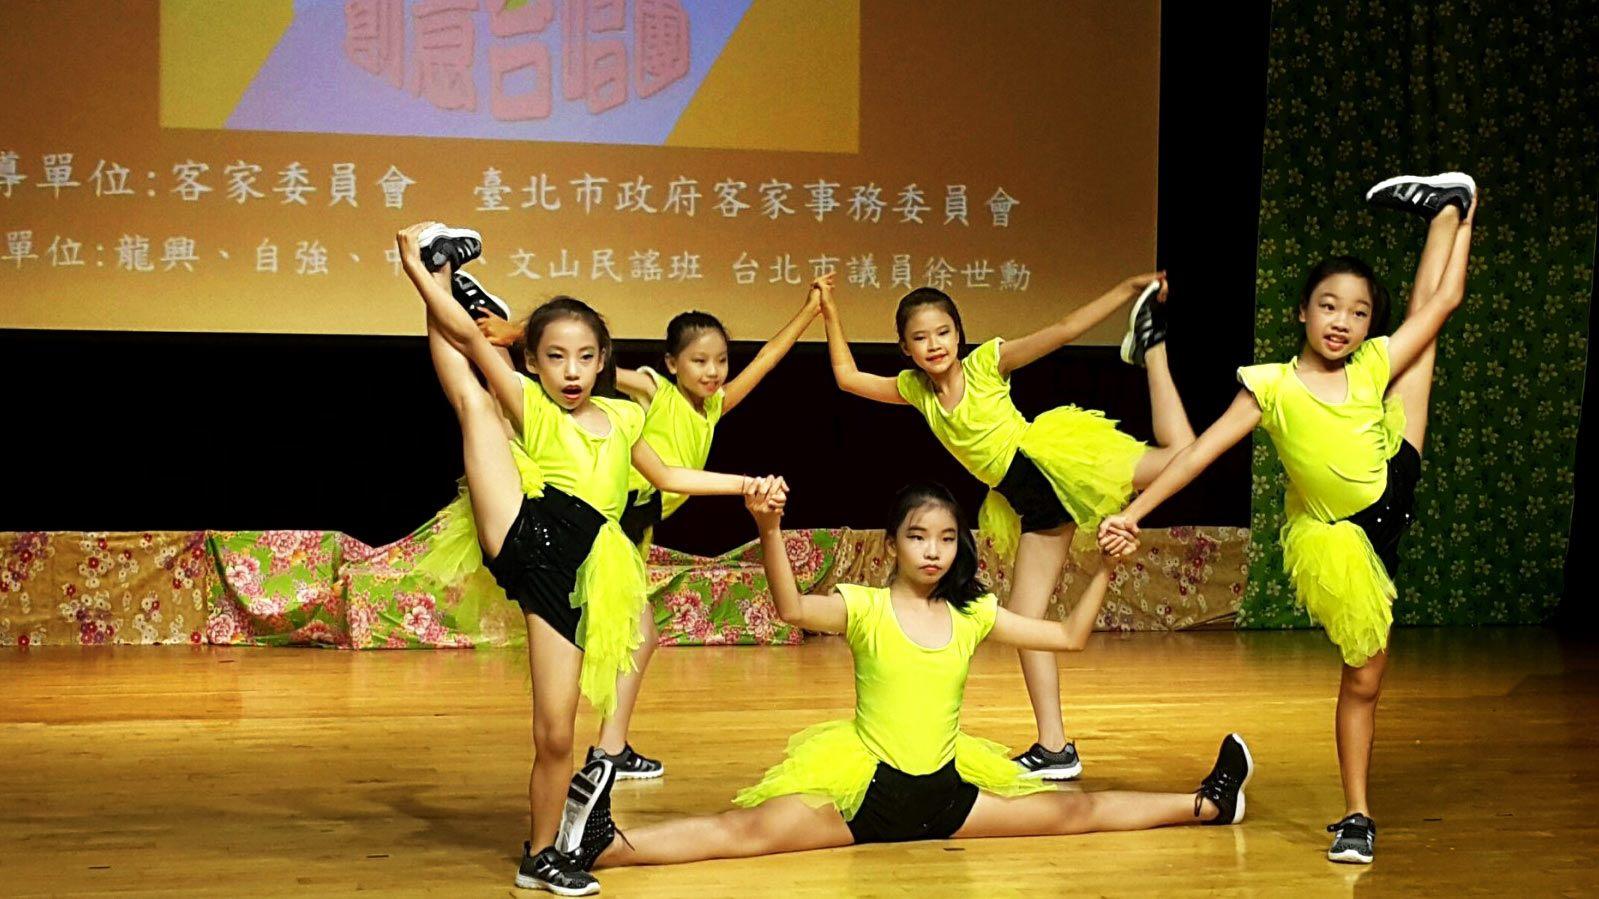 Penari generasi muda Happy Girls tampil bersama di salah satu acara